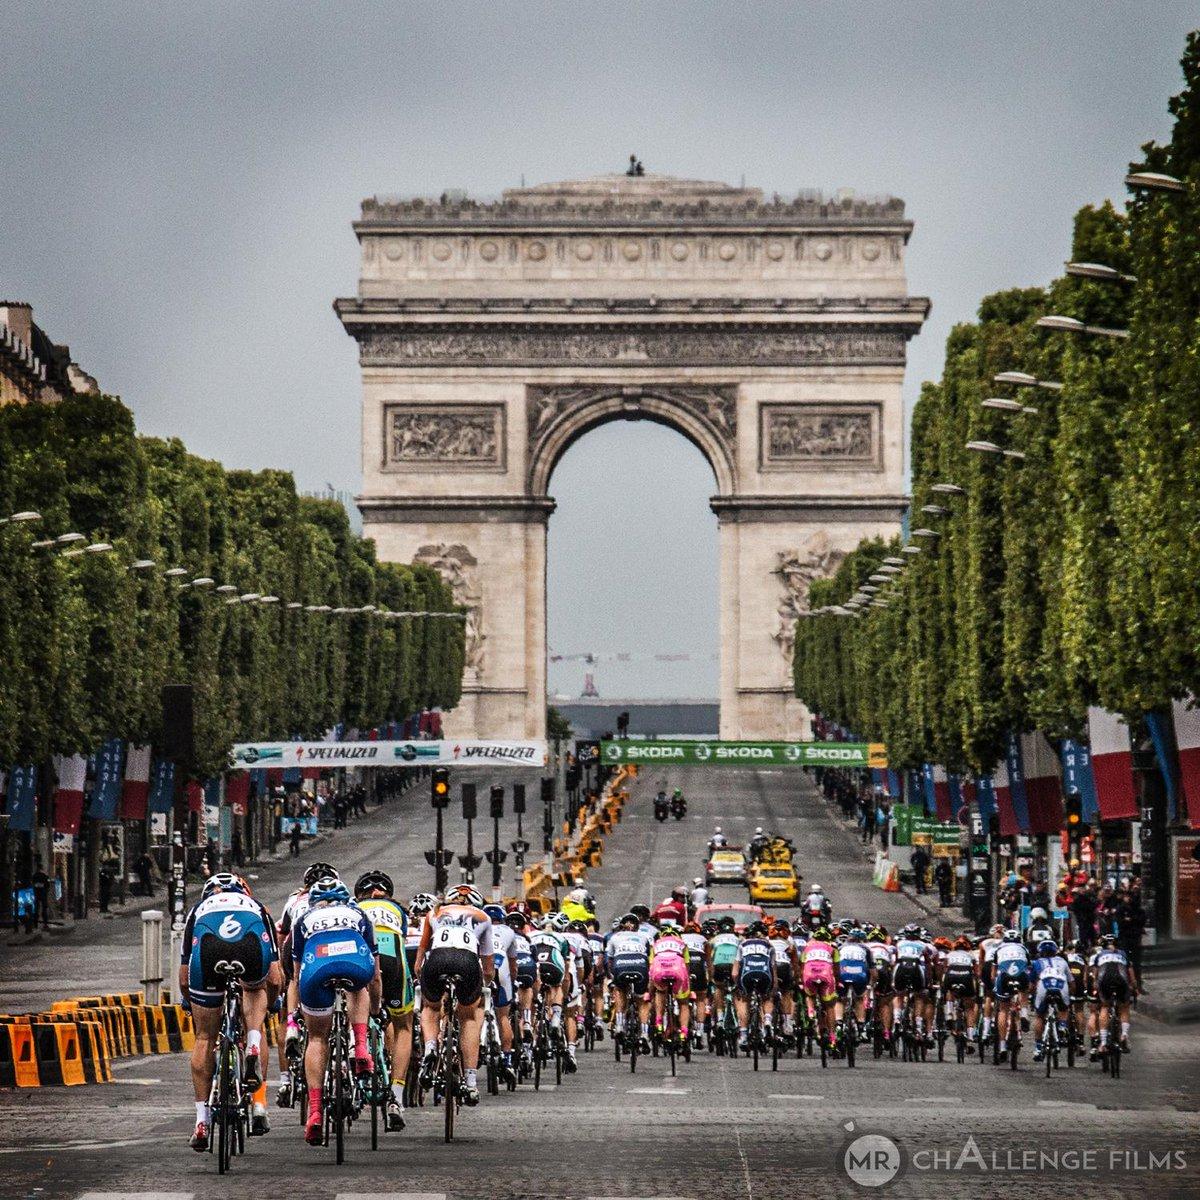 Tour de France 2016: oggi 24 luglio ultima tappa, analisi altimetria e percorso, diretta tv e streaming gratis